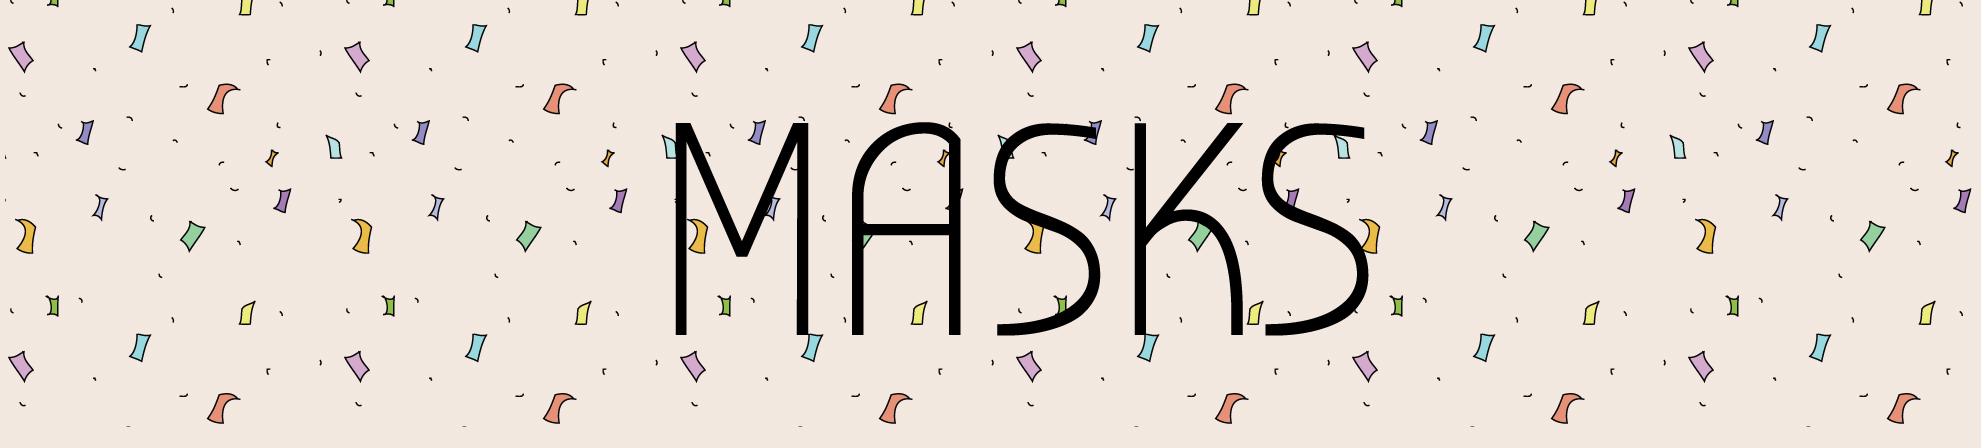 masks-ss20-banner.jpg